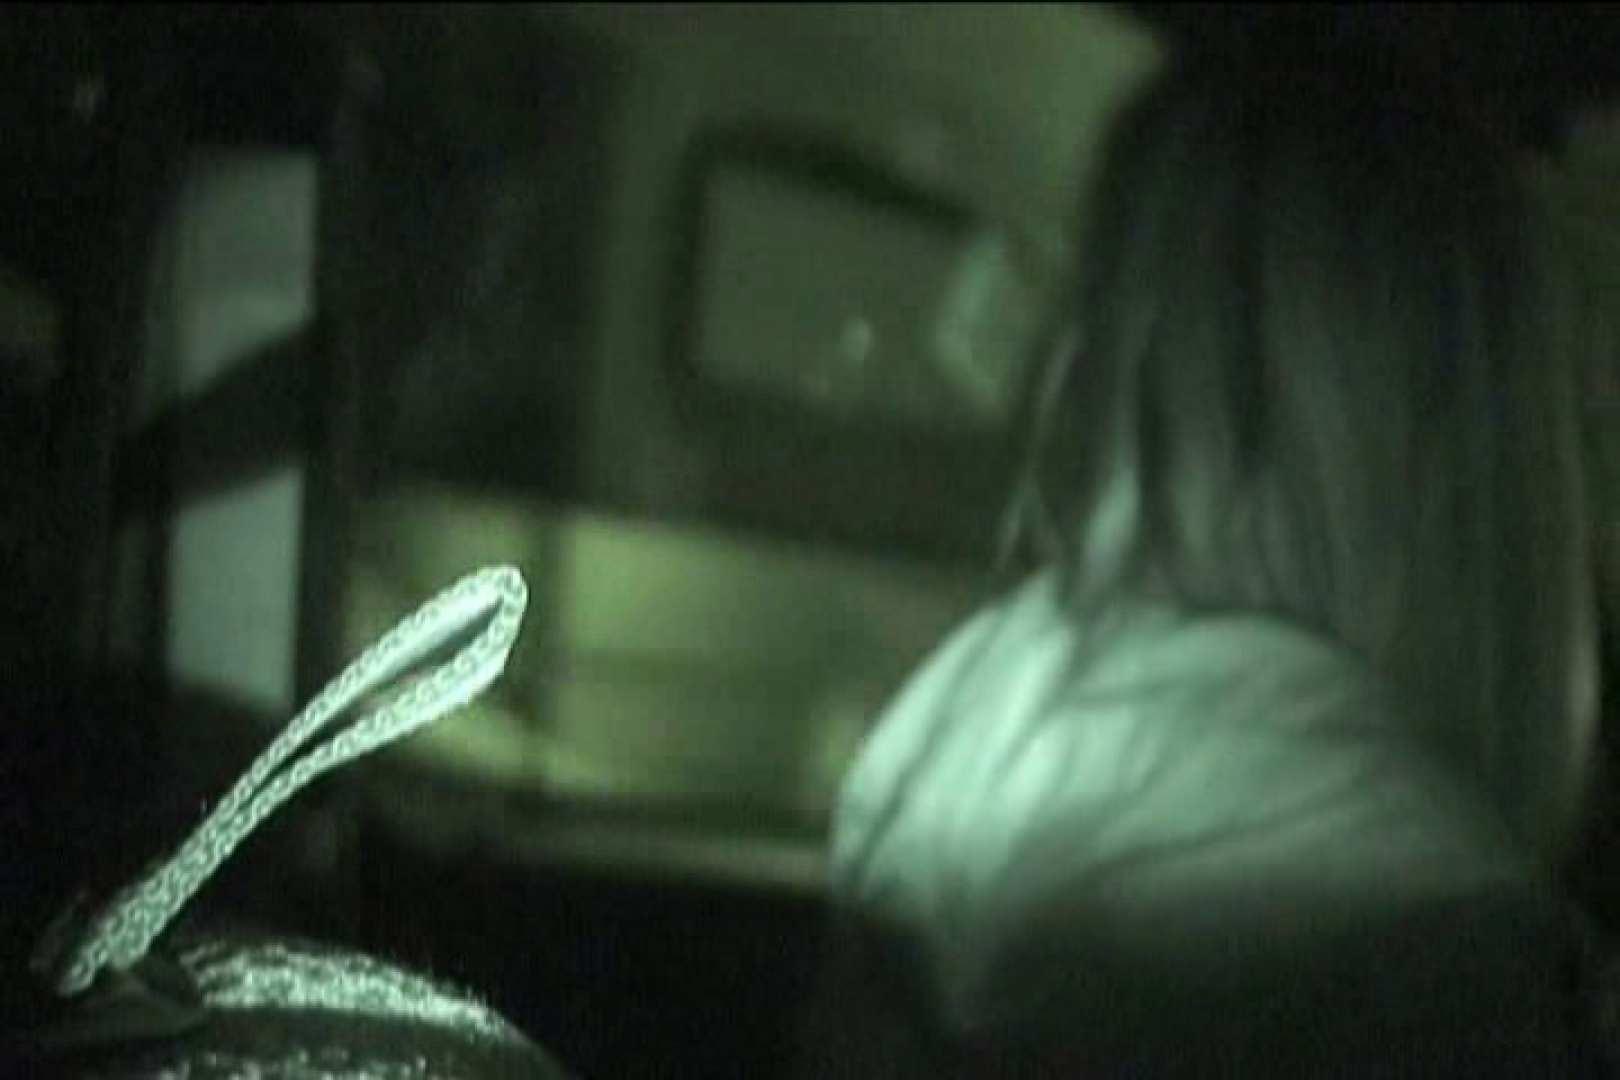 車内で初めまして! vol03 綺麗なOLたち われめAV動画紹介 94枚 32